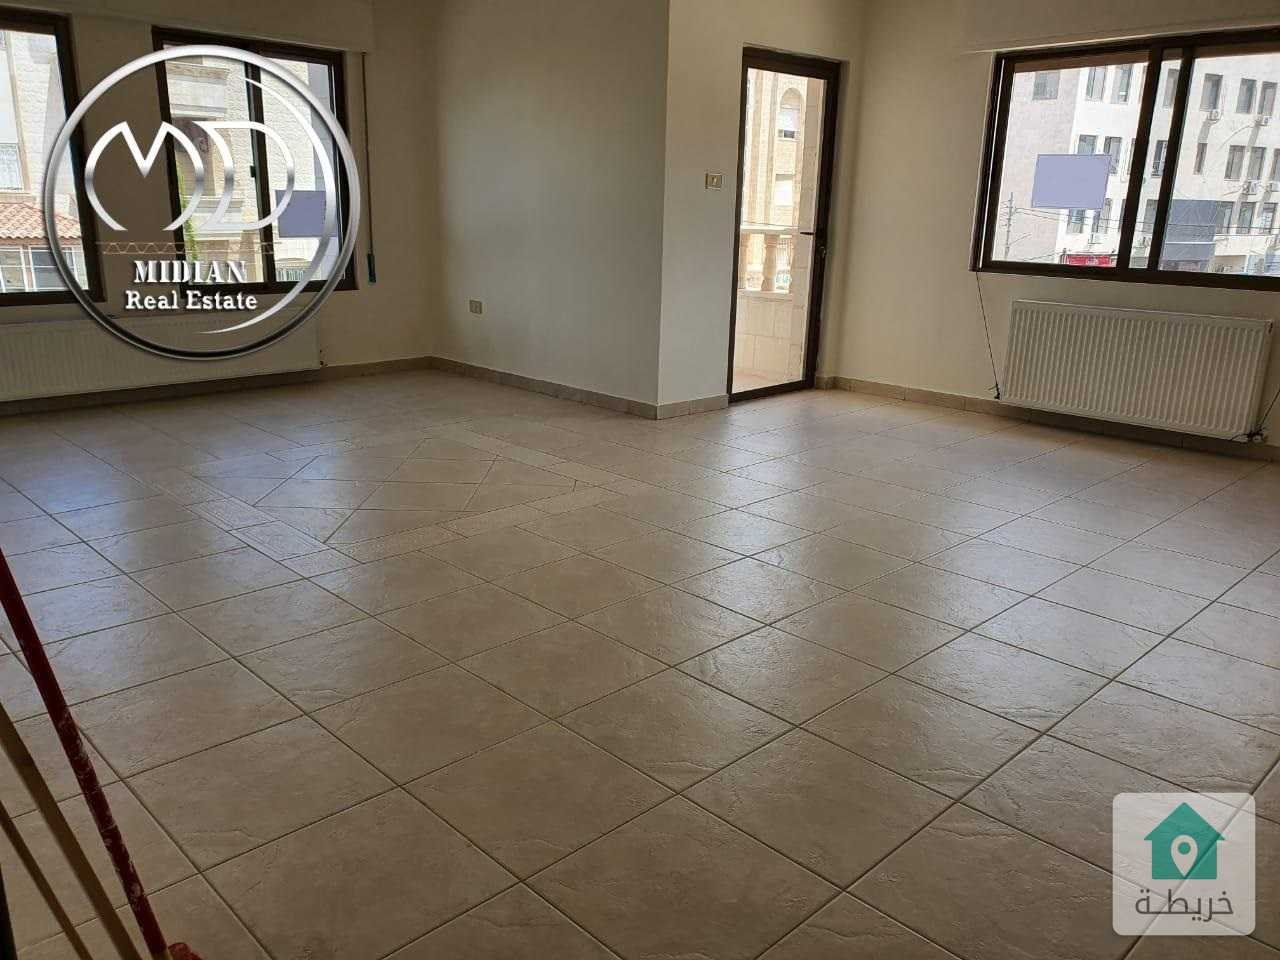 شقة للبيع خلدا قرب المعارف مساحة 180م  تشطيب سوبر ديلوكس بسعر مغري جدا